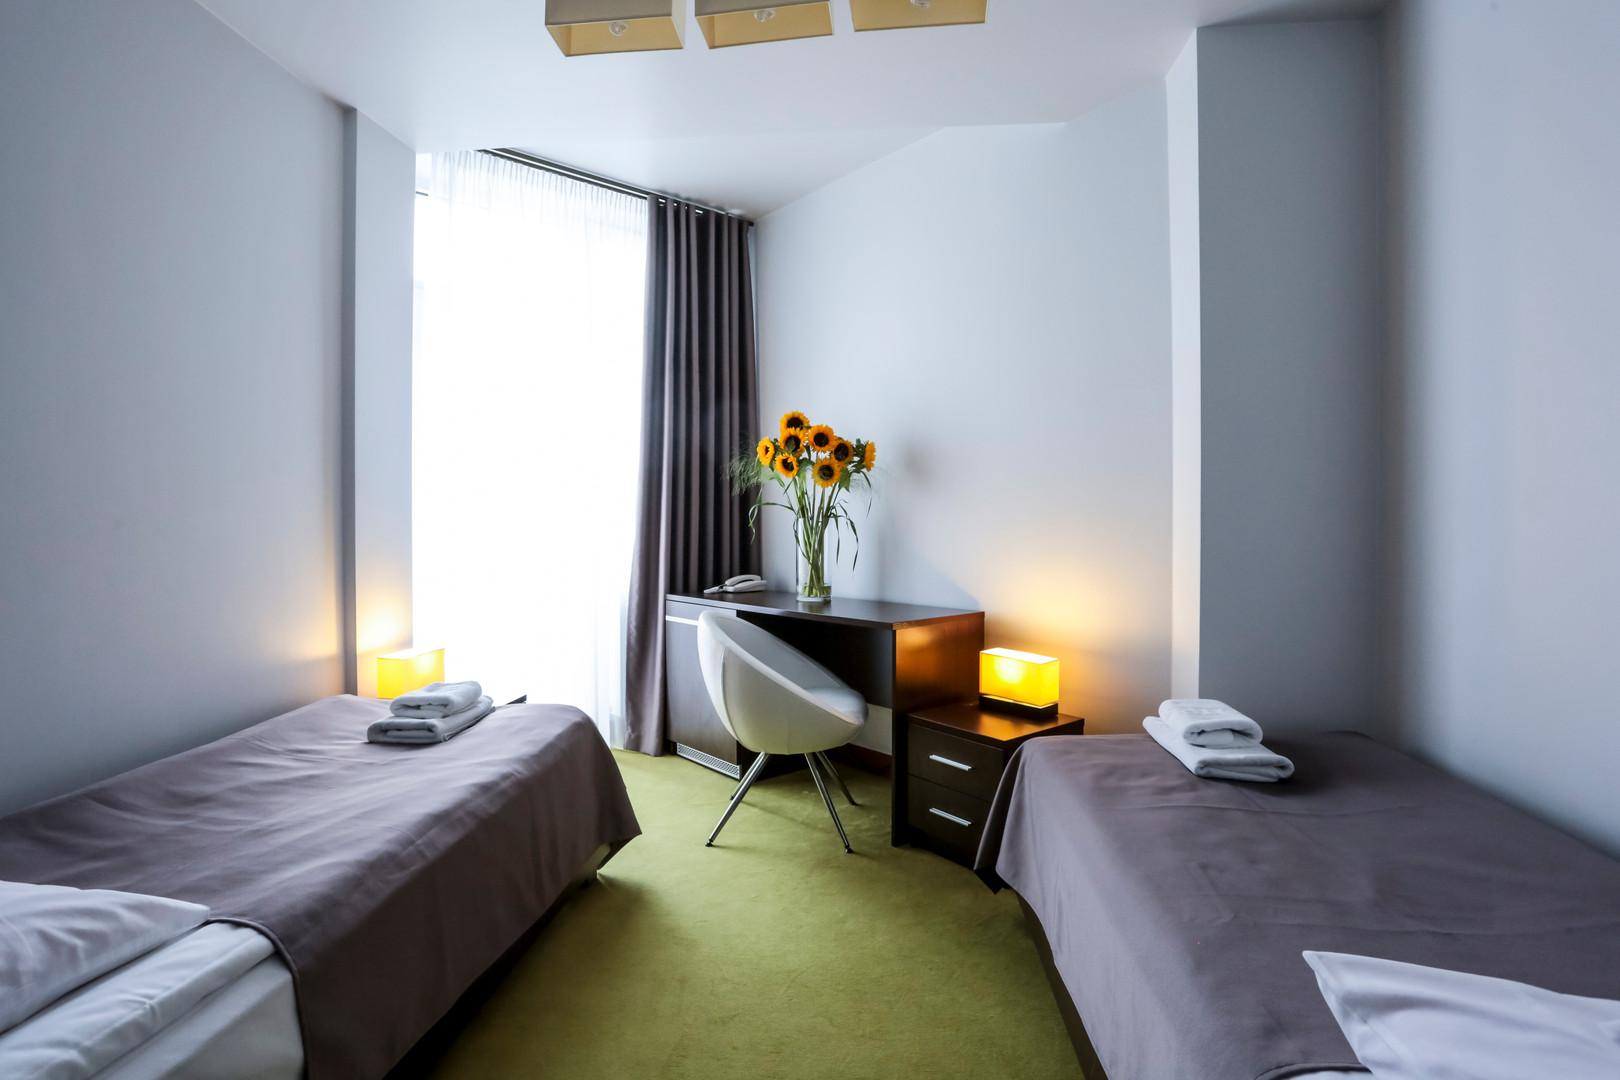 hotel_wilga8.jpg